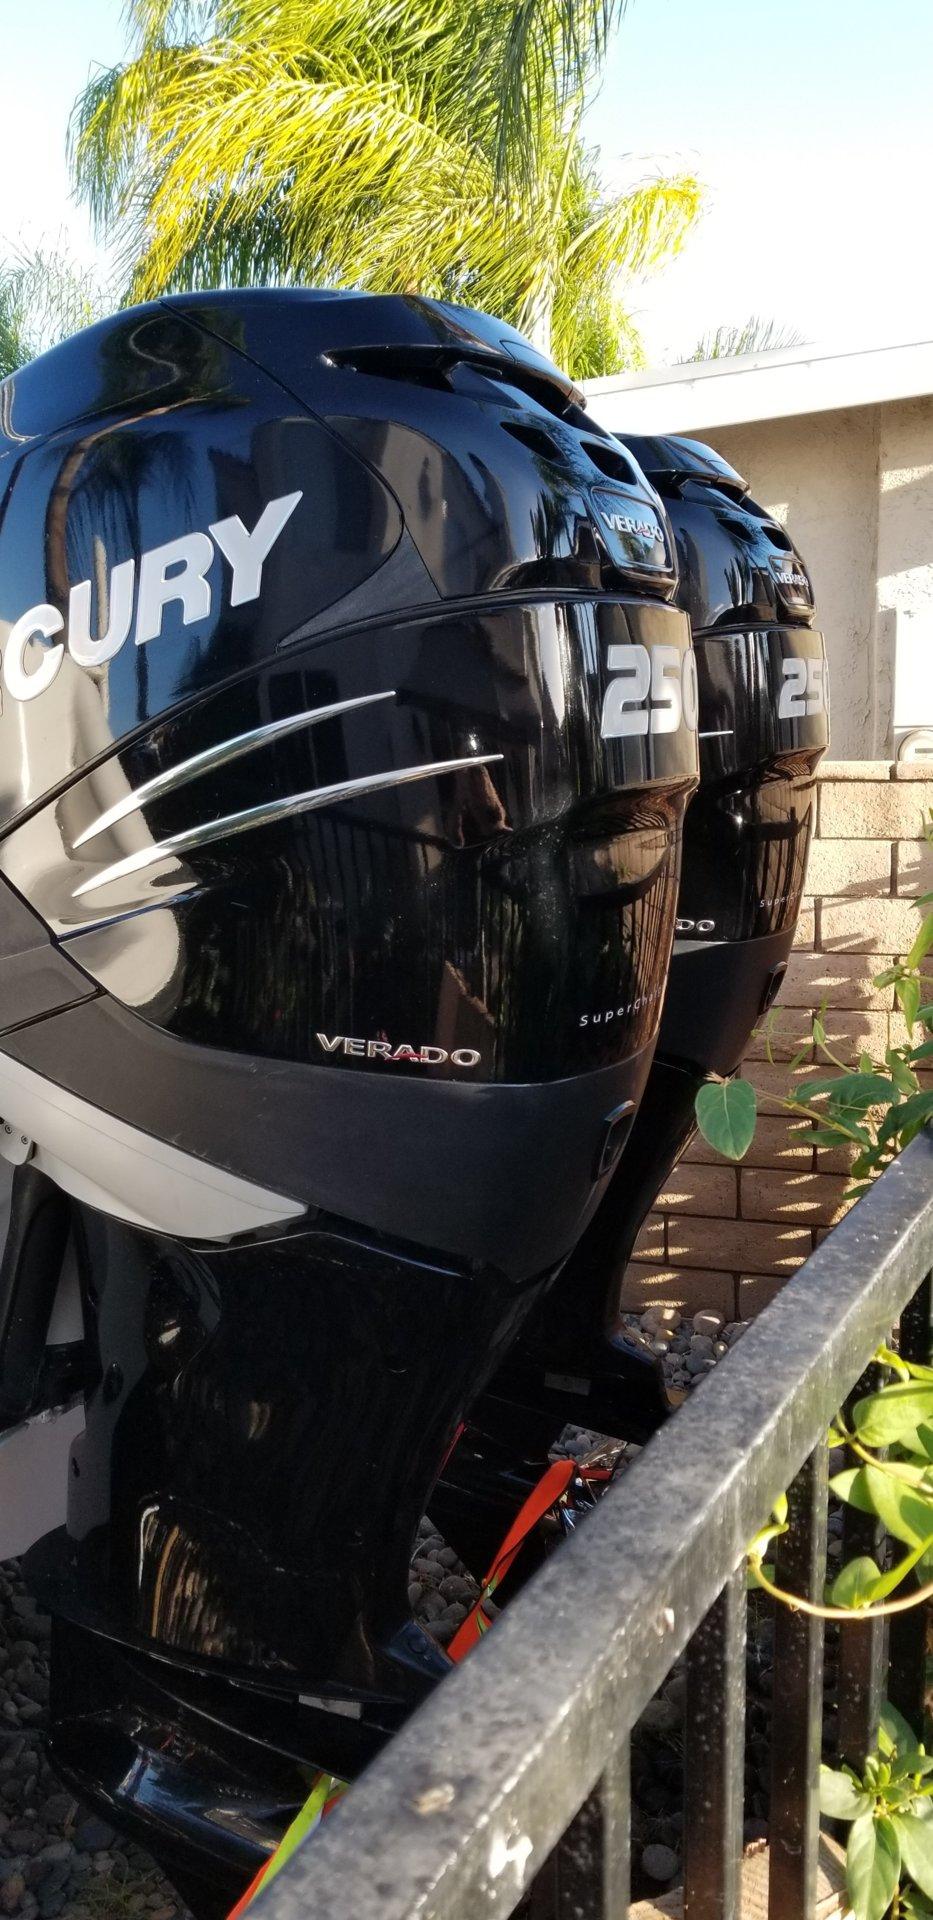 For Sale - 2006 Mercury Verado 250 HP Engines $16,500